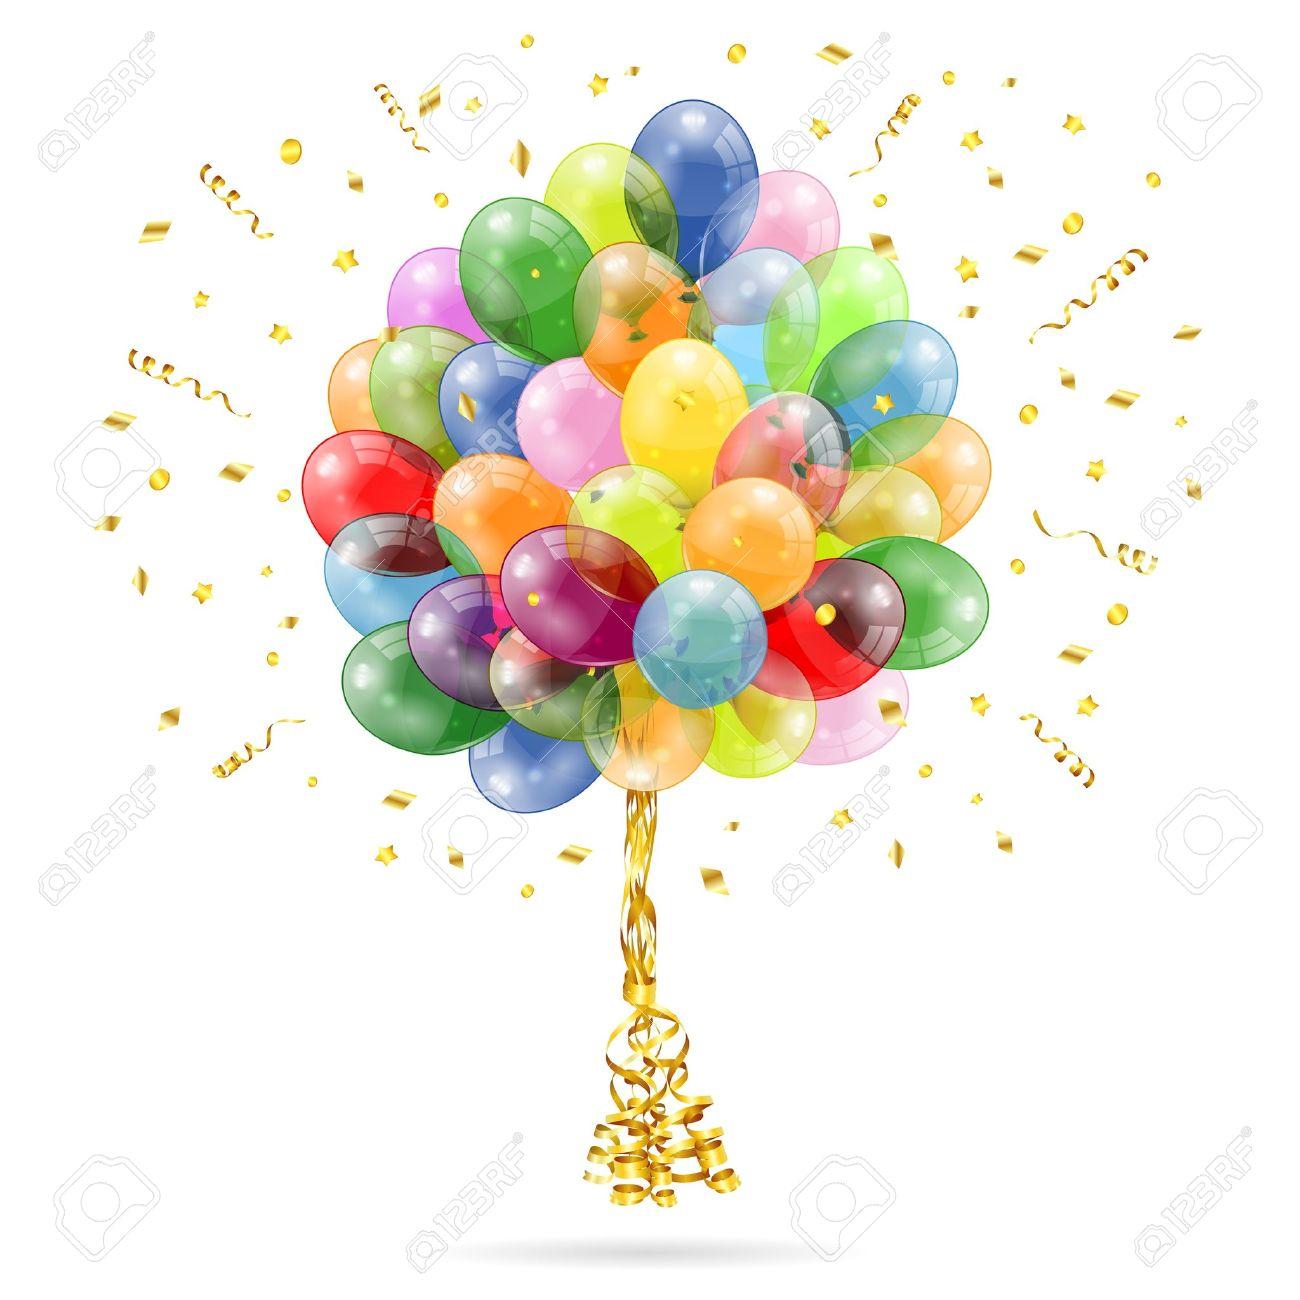 Clipart luftballon geburtstag clipart 3D Transparent Geburtstag Luftballons Mit Streamer Und Konfetti ... clipart